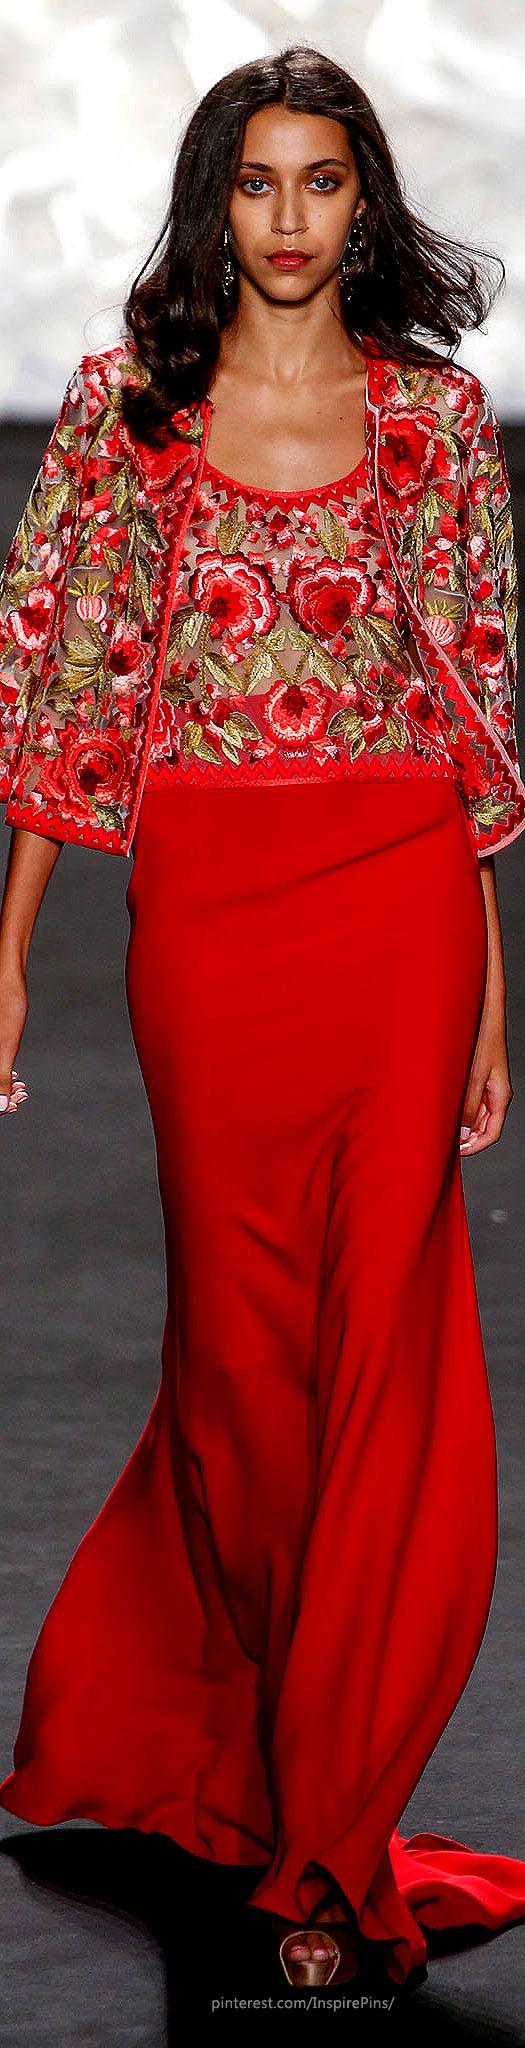 Vestidos de Gala que van bien para peinados clasicos Pelo suelto con Rojos